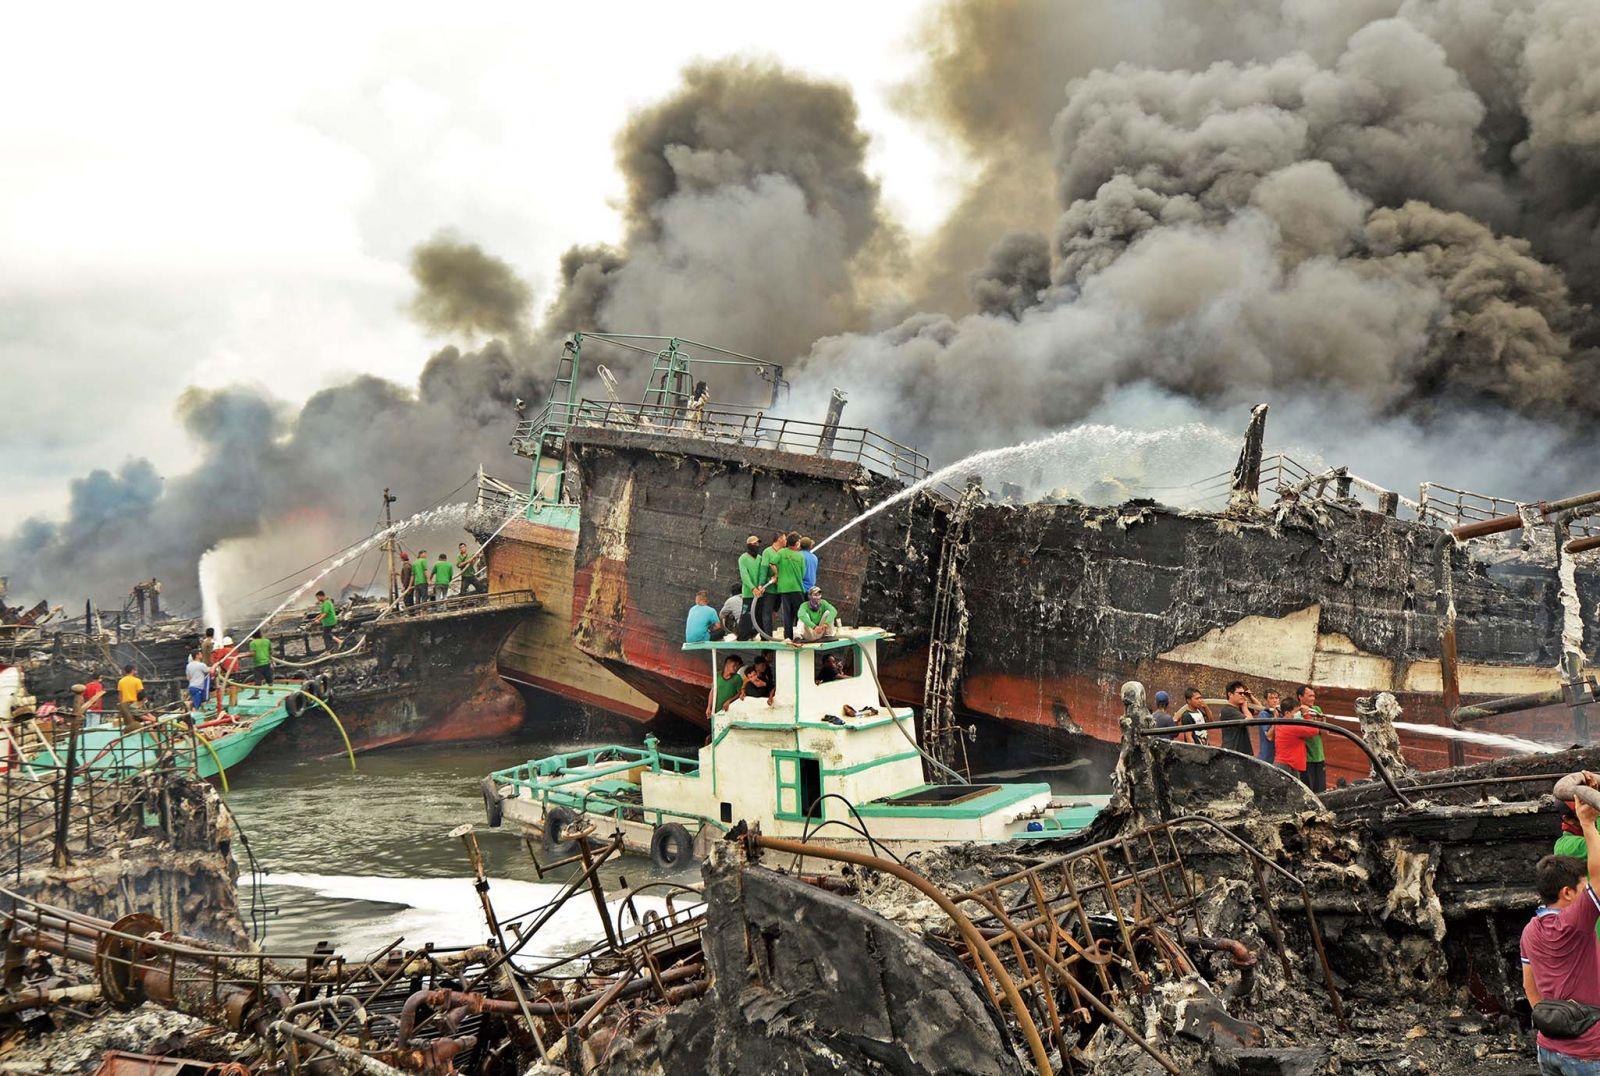 燒燬近40艘船無人傷亡